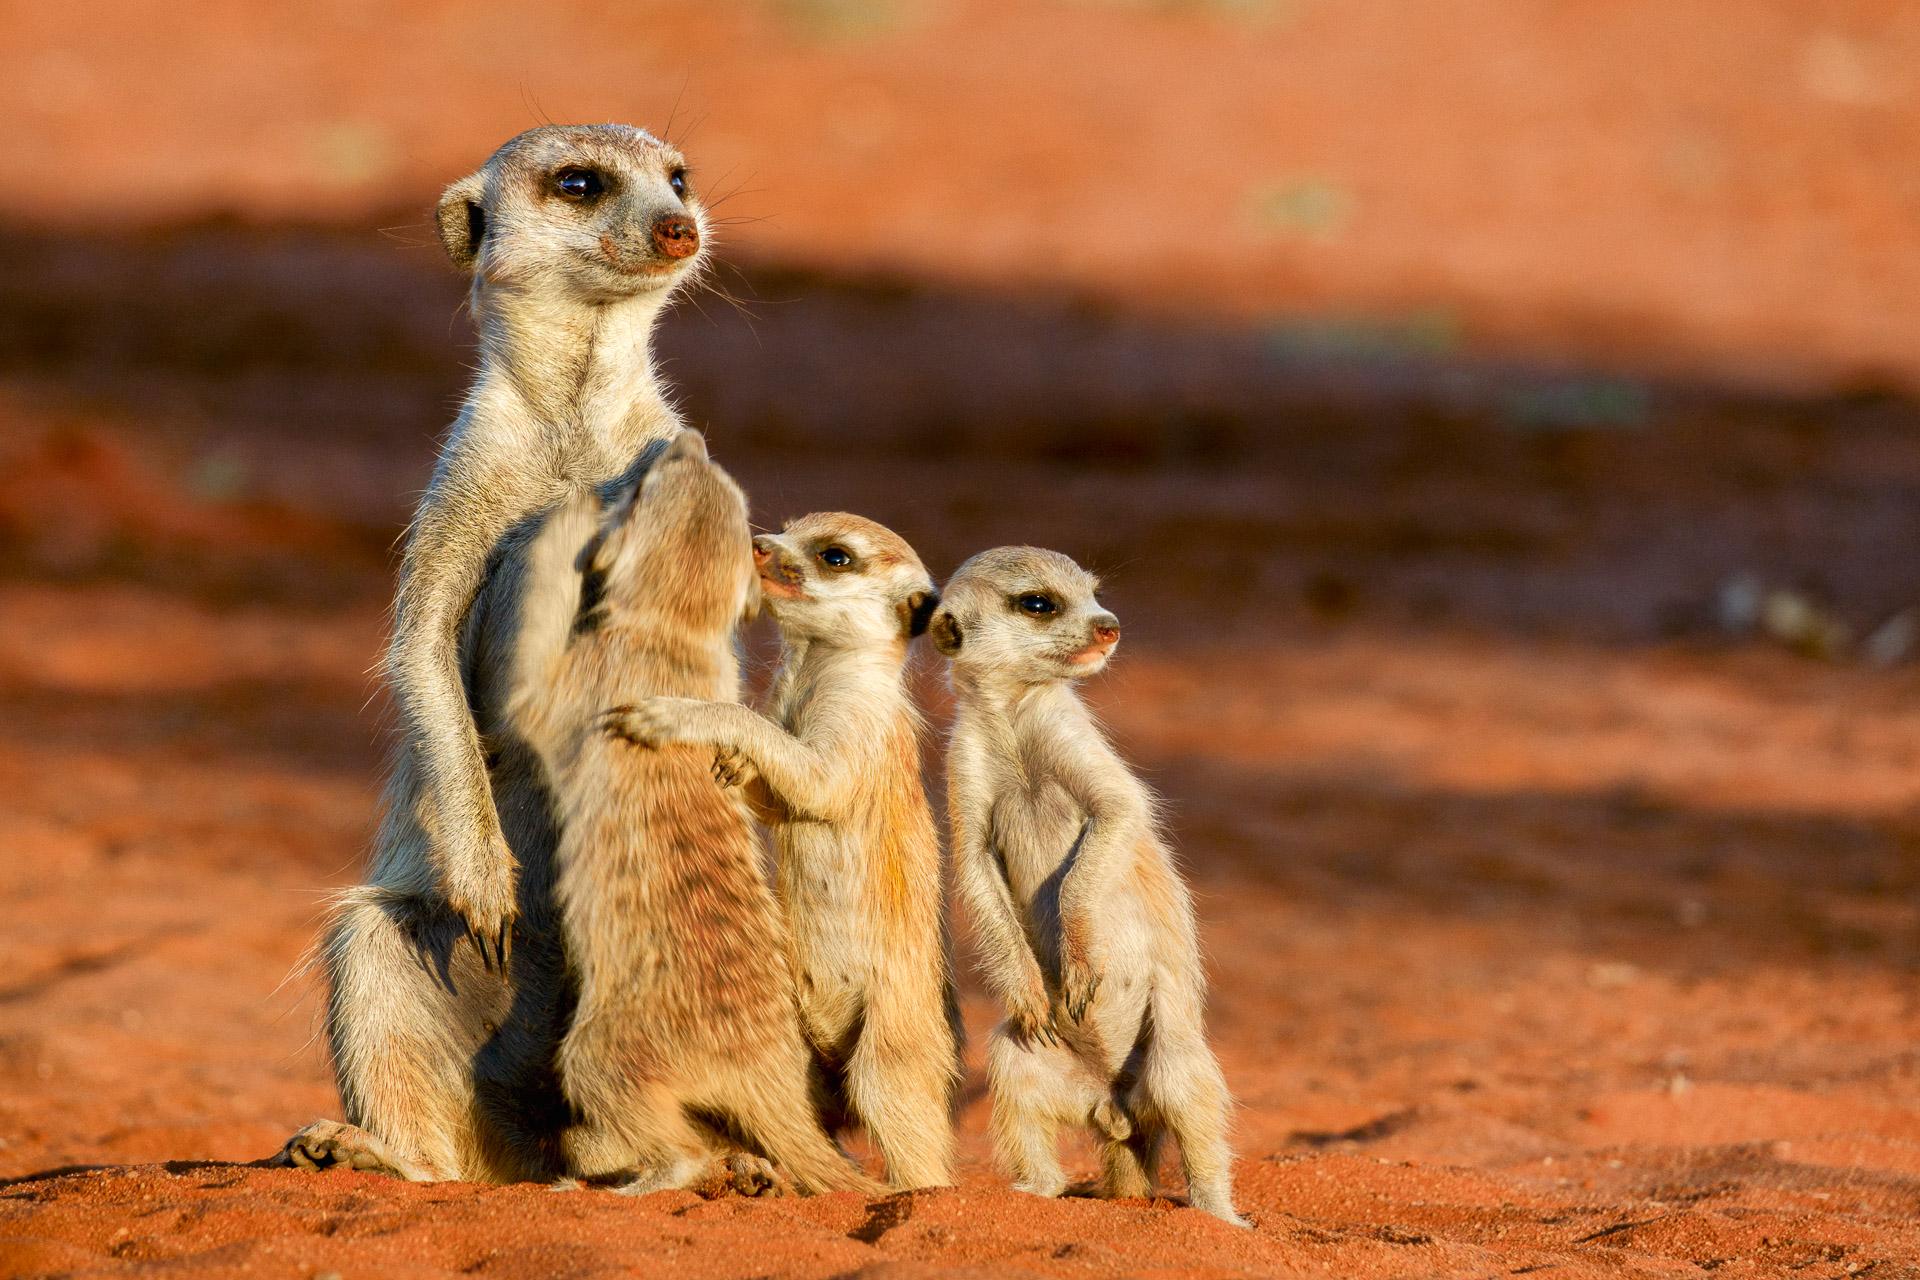 Erdmännchen fotografiert von Benny Rebel auf einer Fotoreise in Namibia